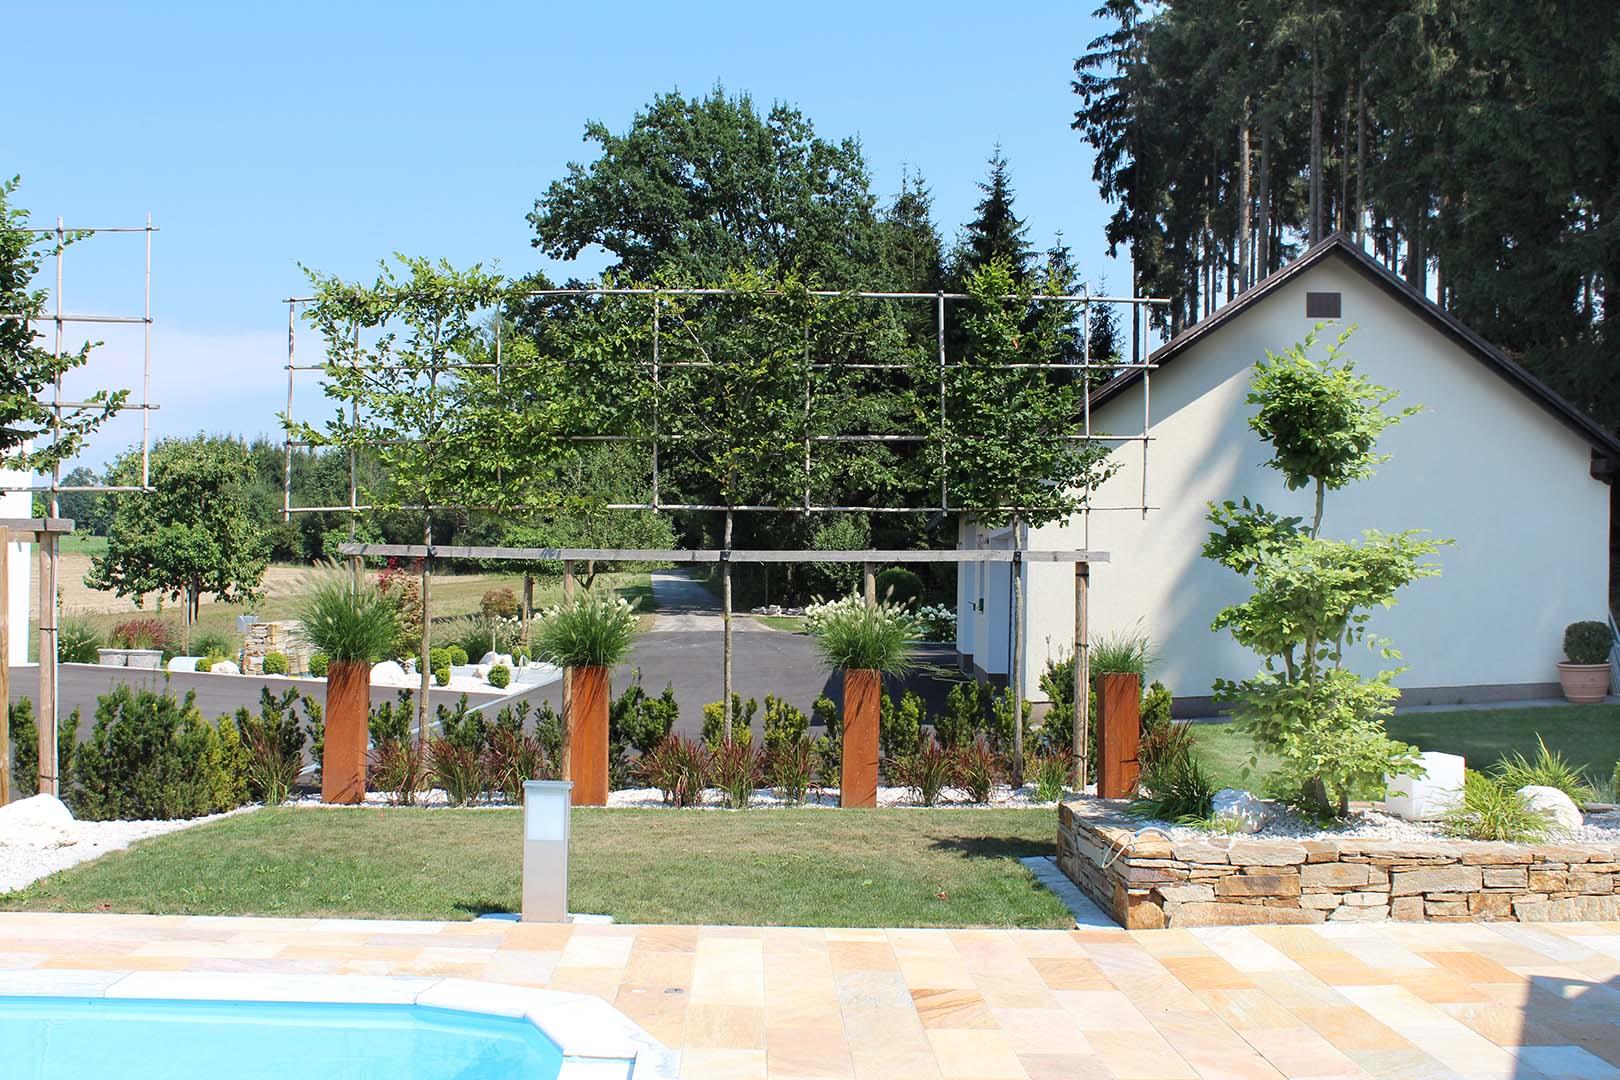 Gartenbau Vorgarten